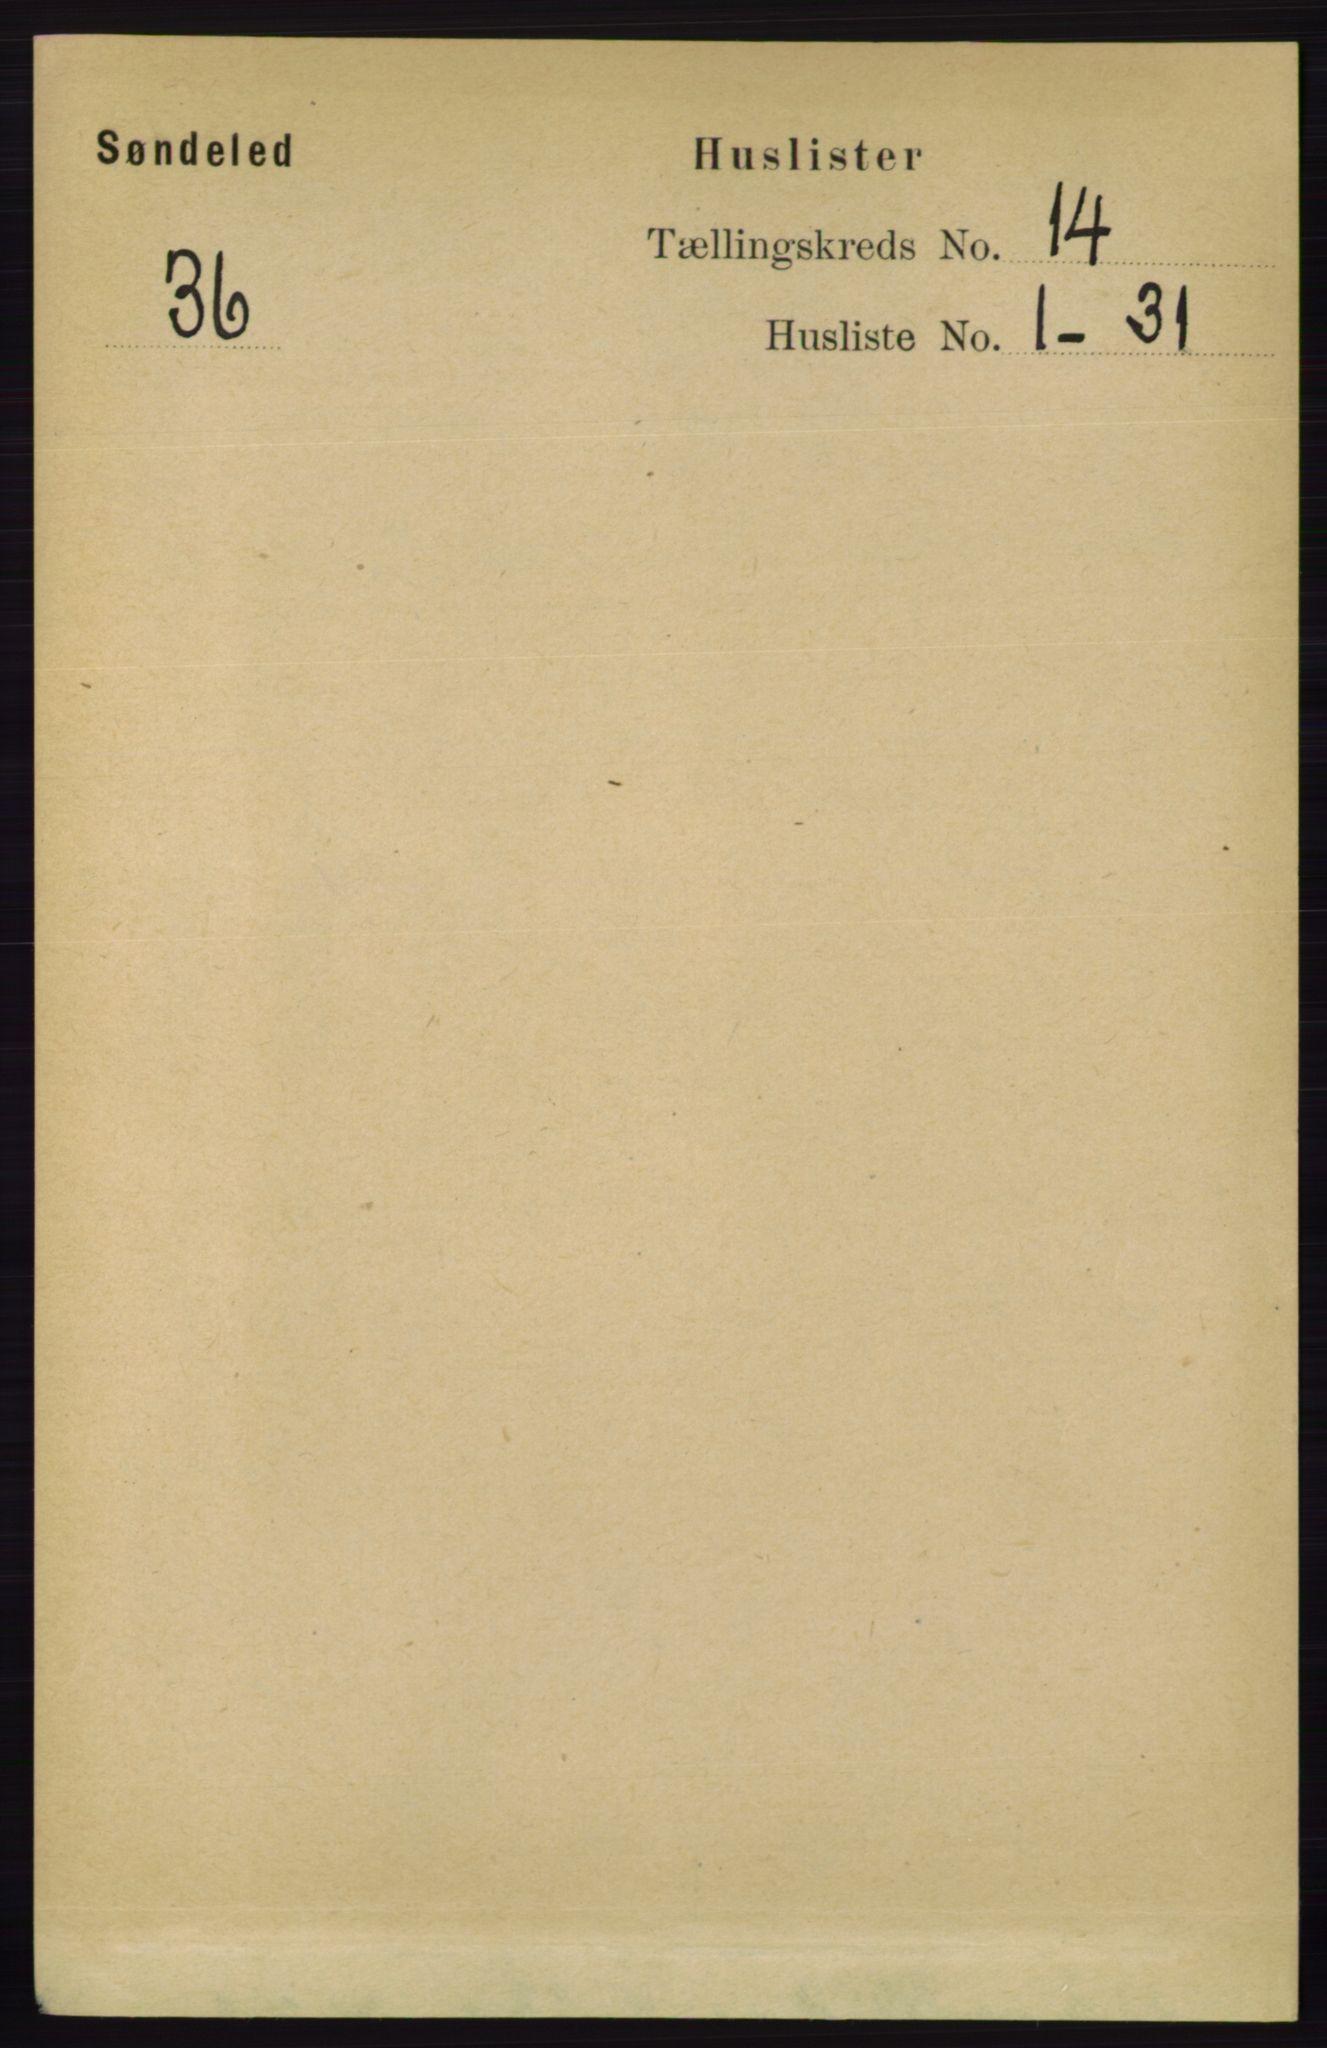 RA, Folketelling 1891 for 0913 Søndeled herred, 1891, s. 4097